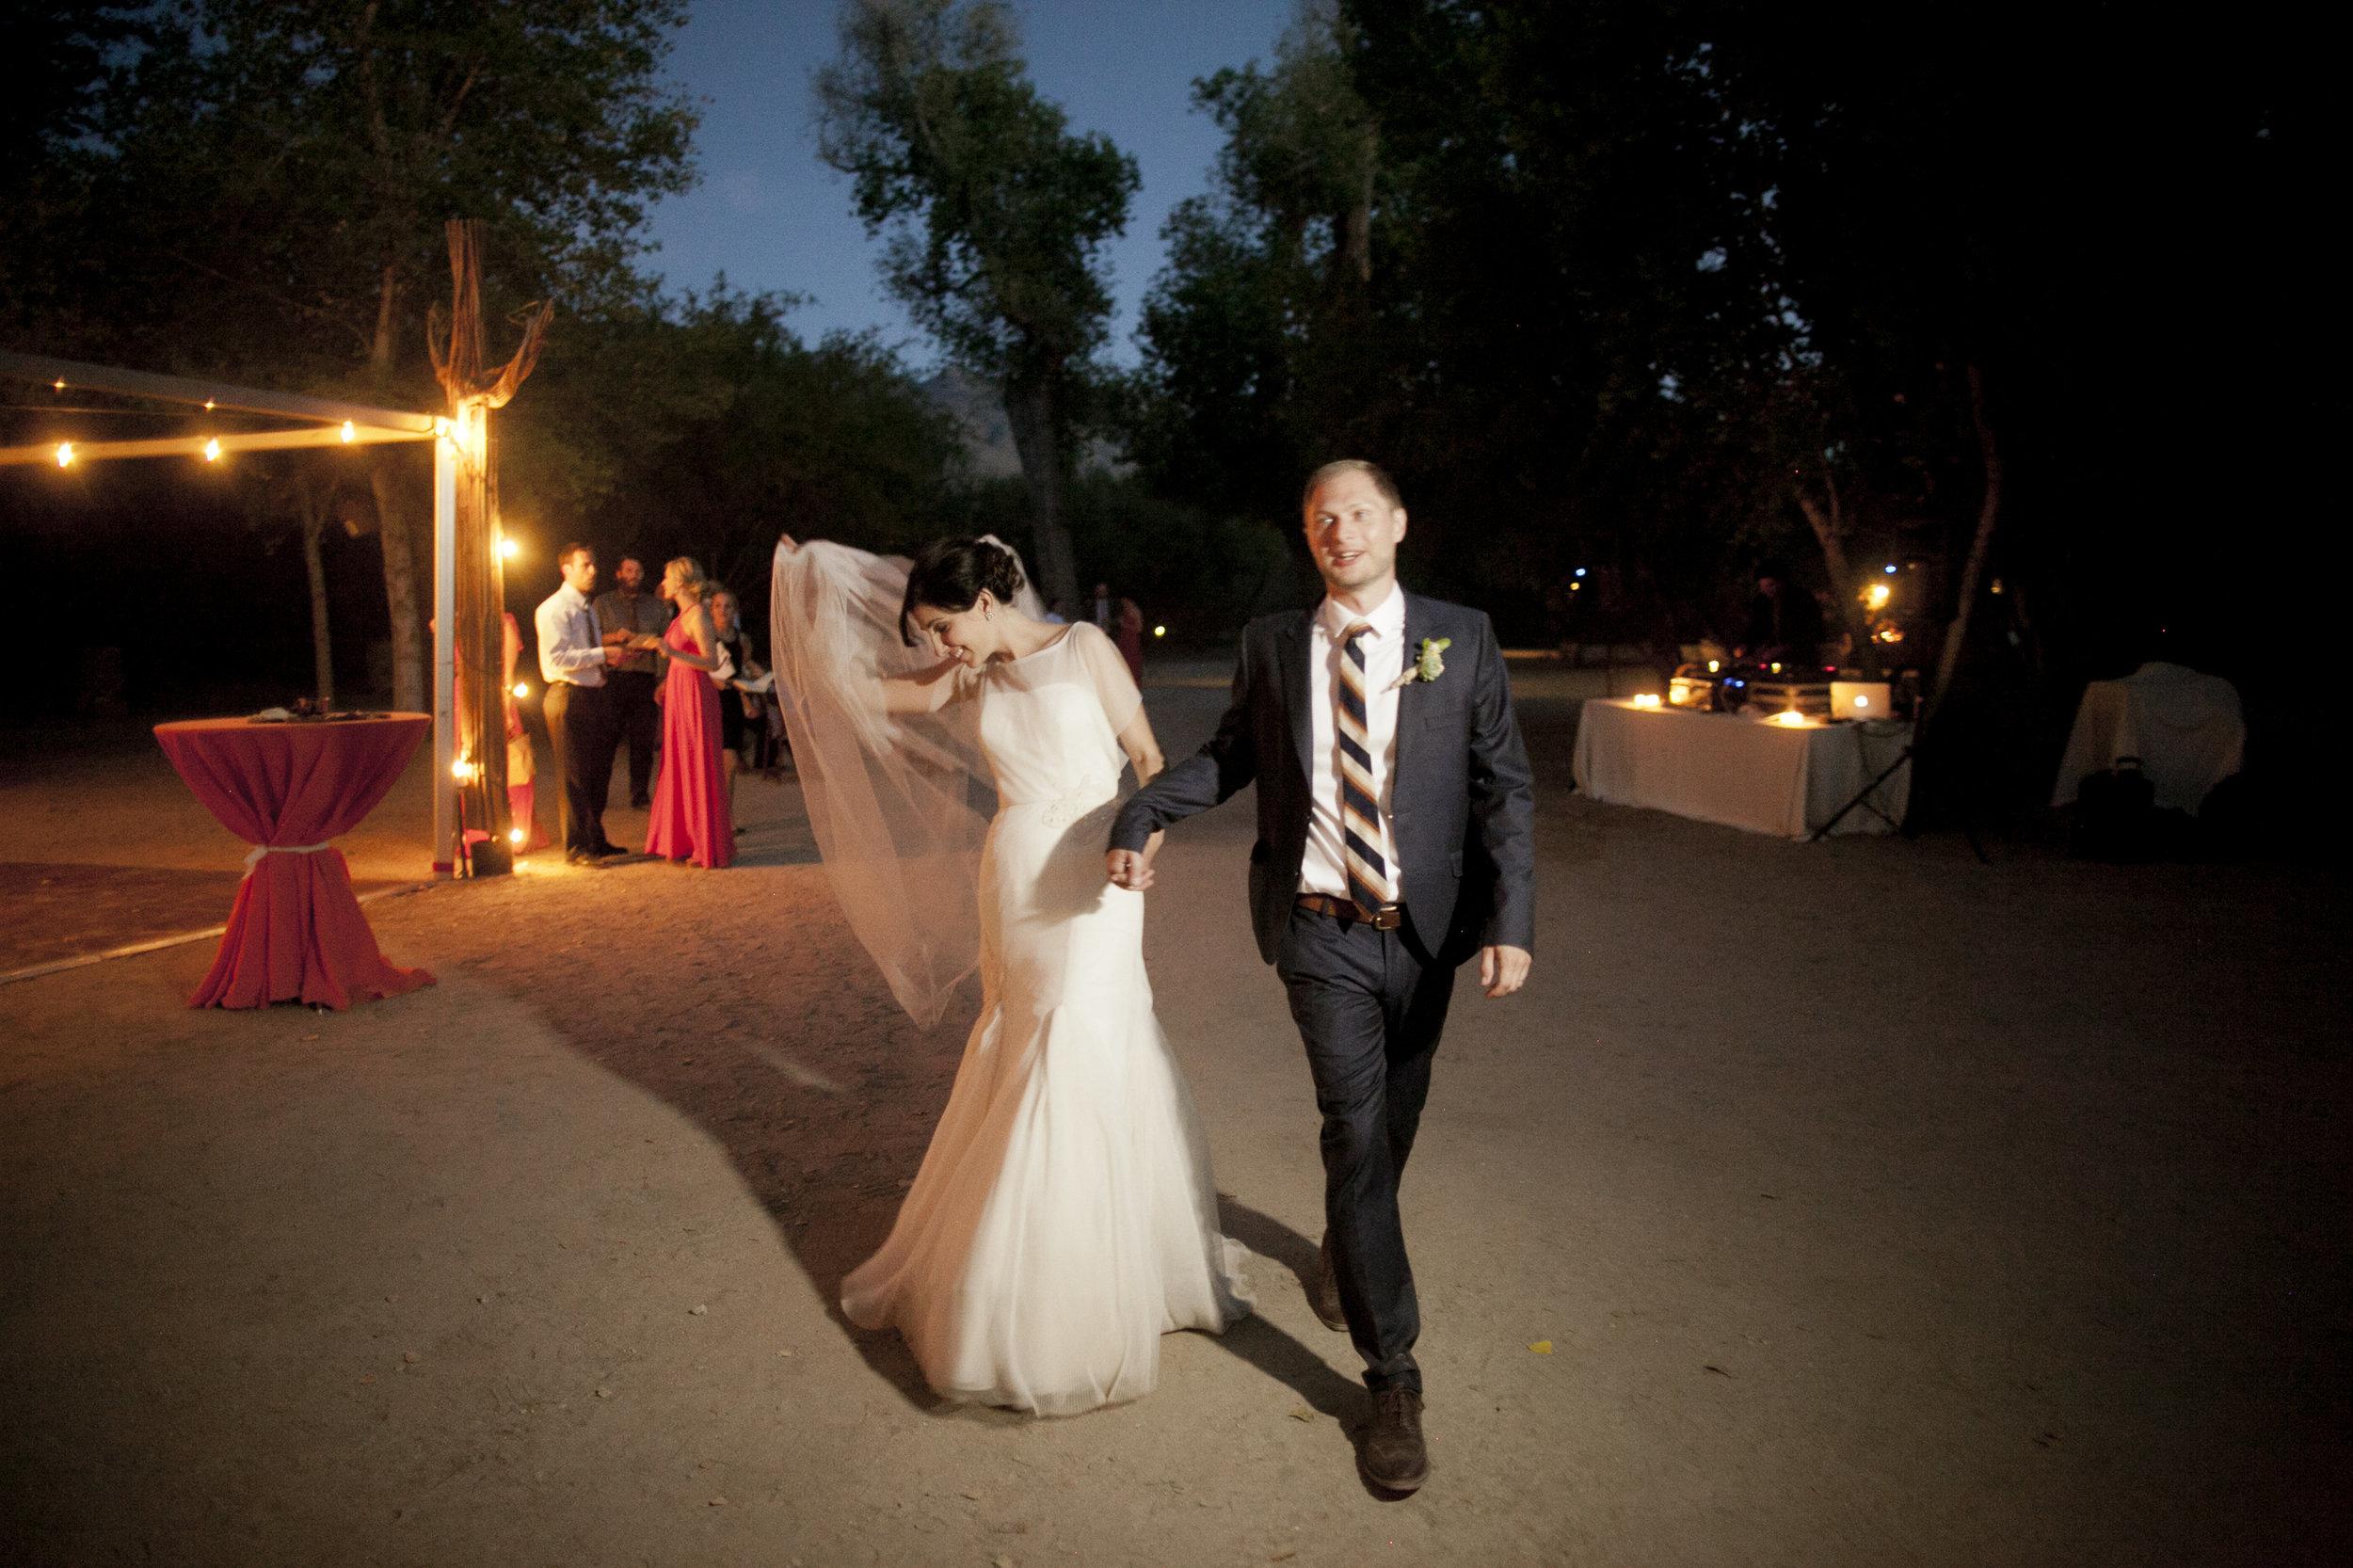 Ceci_New_York_Ceci_Style_Ceci_Johnson_Luxury_Lifestyle_Arizona_Wedding_Watercolor_Inspiration_Design_Custom_Couture_Personalized_Invitations_181.jpg